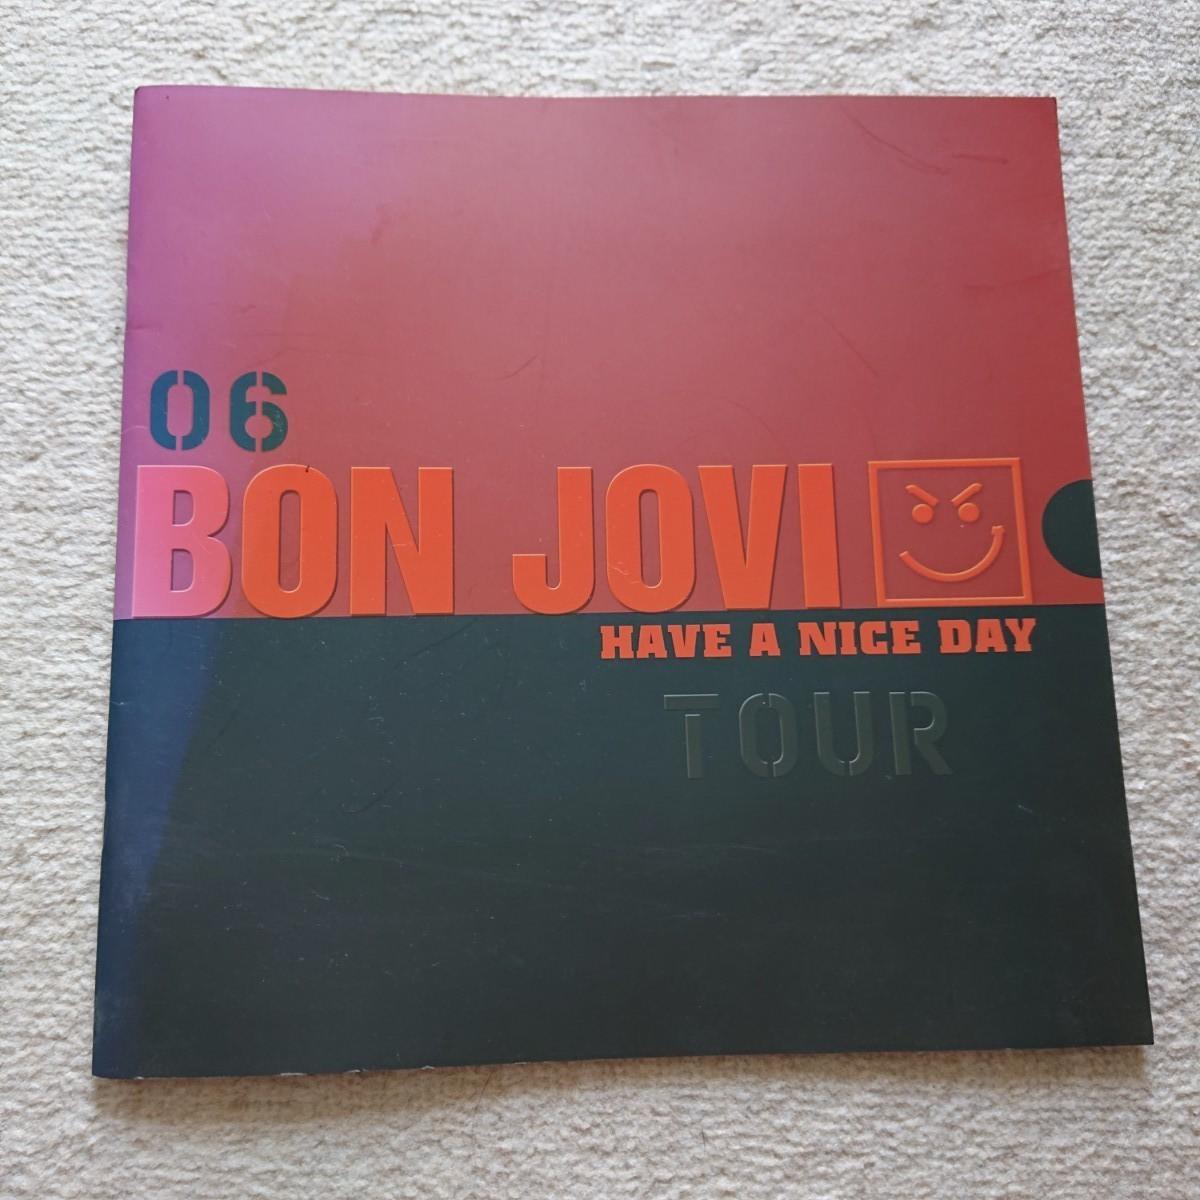 Bon Jovi 2003,2006 ライブパンフレット ボン・ジョヴィ ライヴパンフレット2点セット